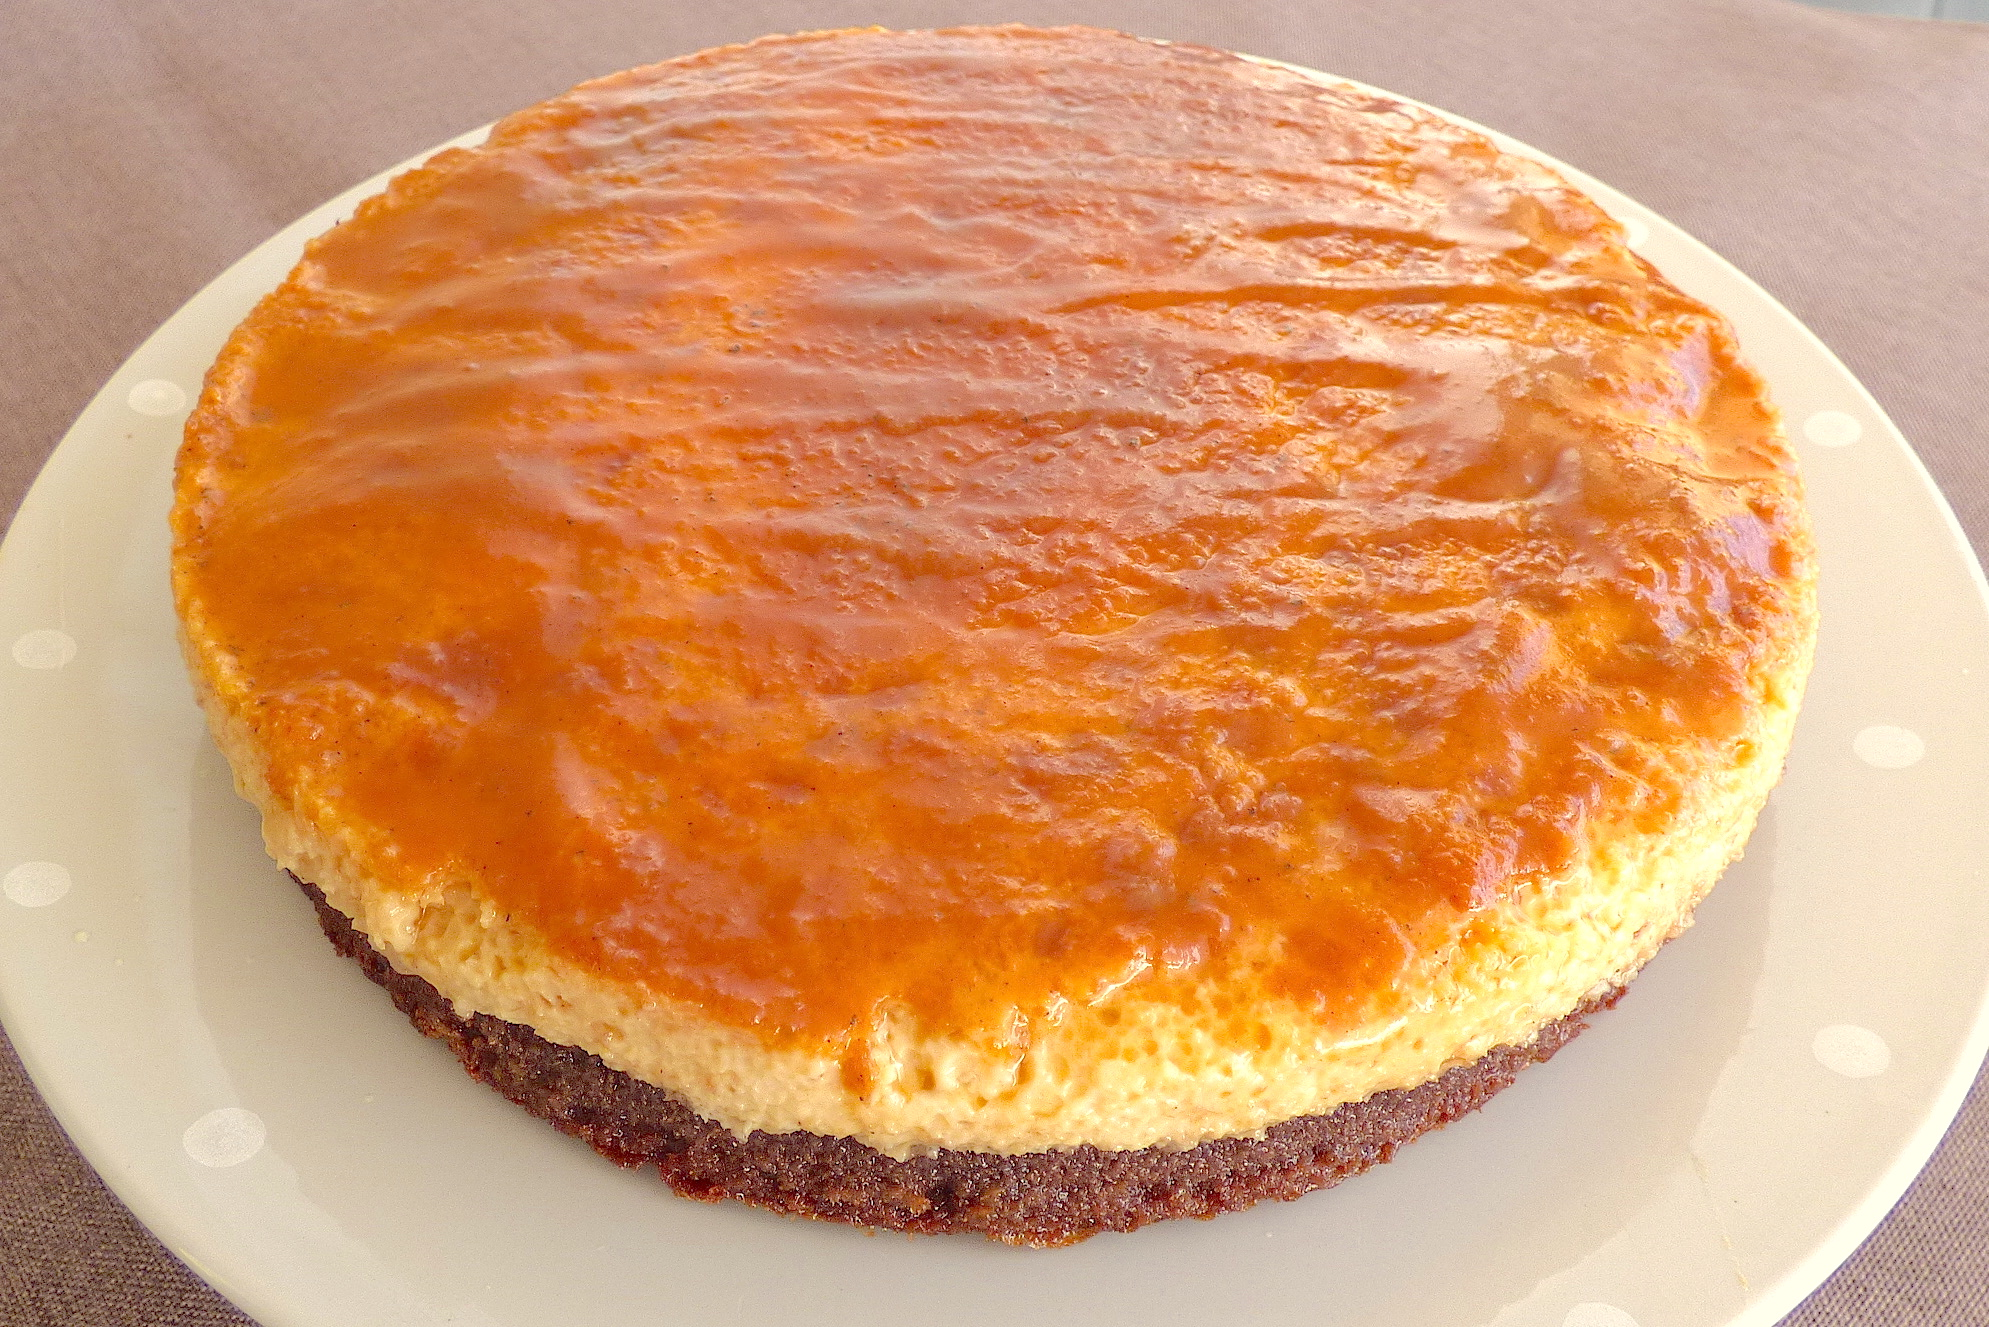 Toujours dans le thème du Mexique, nous partons sur un dessert. Le  Chocoflan est une spécialité très appréciée par les mexicains.